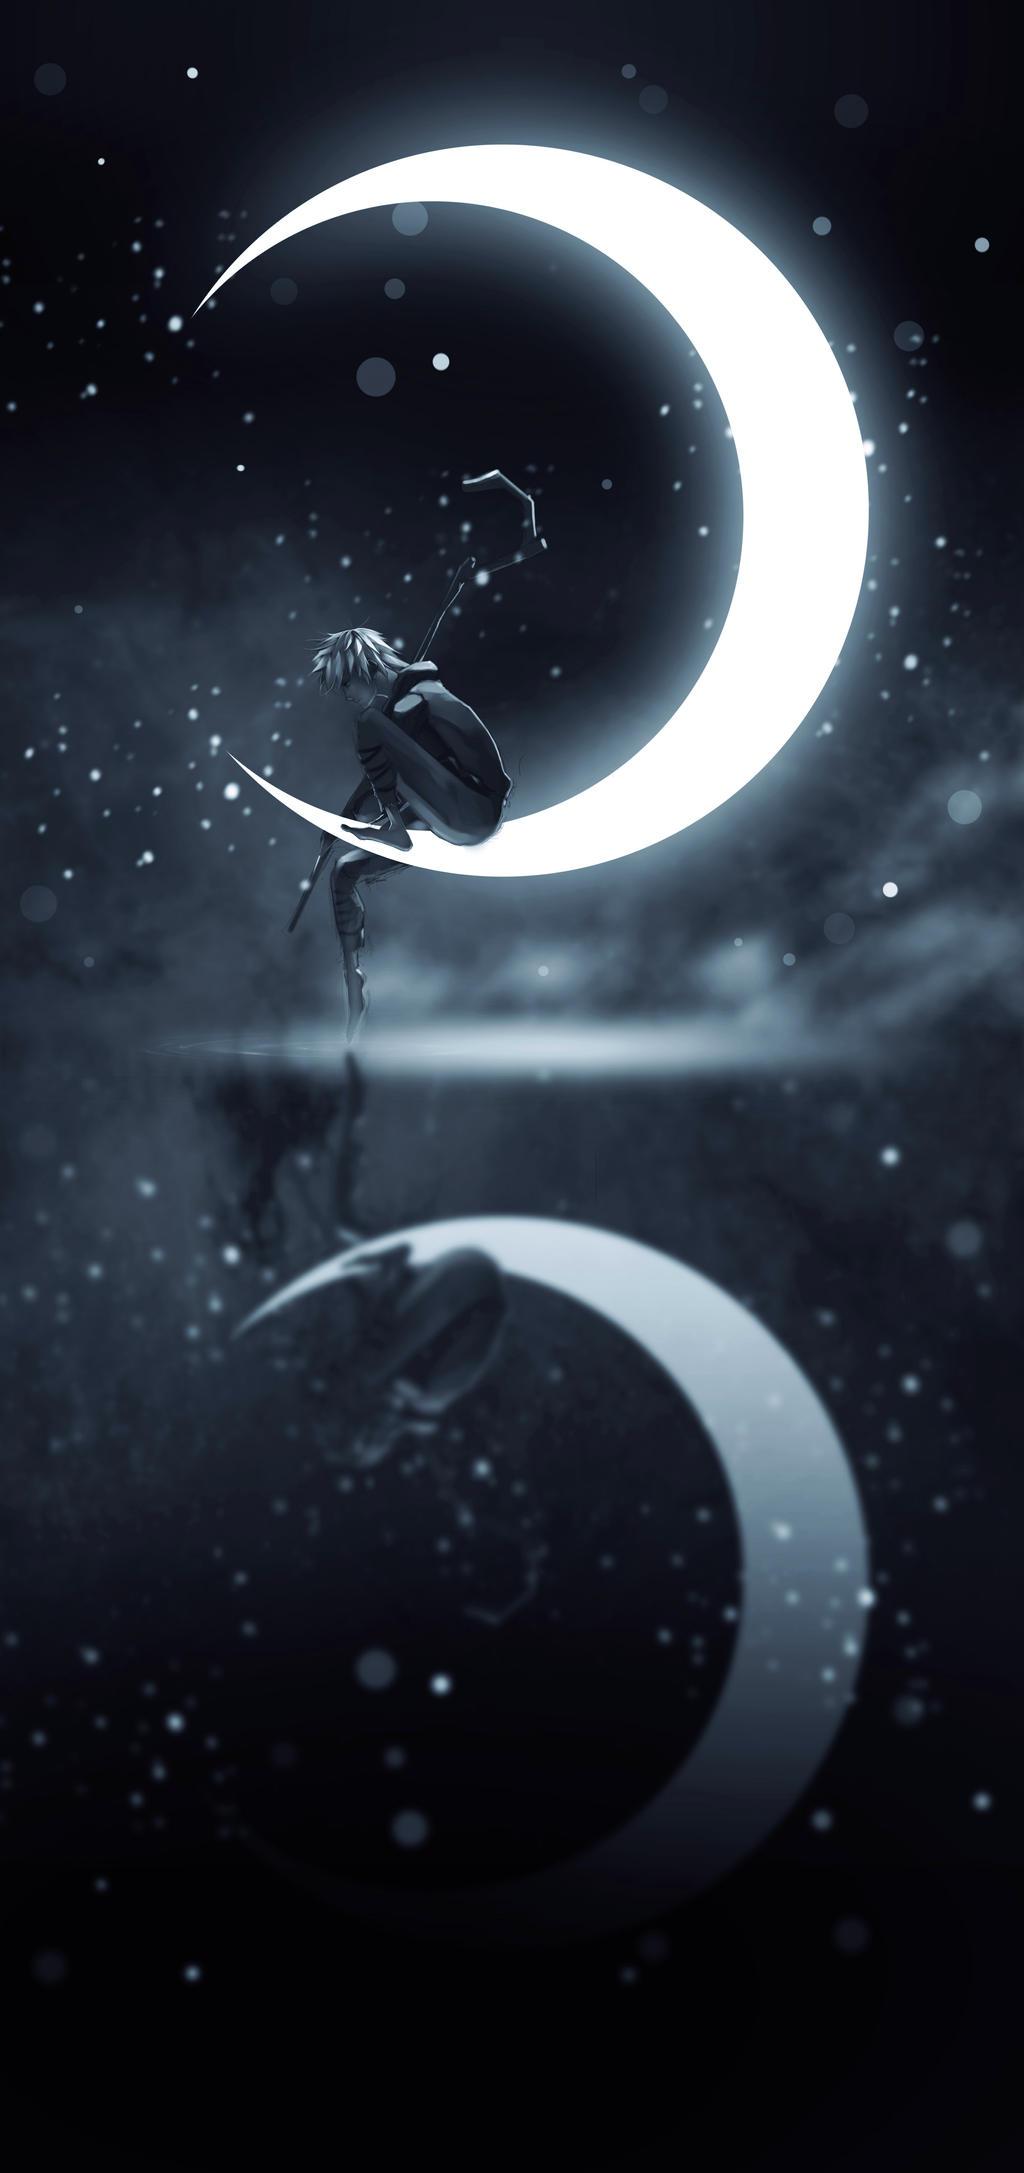 Jack Frost by Wintfox on DeviantArt